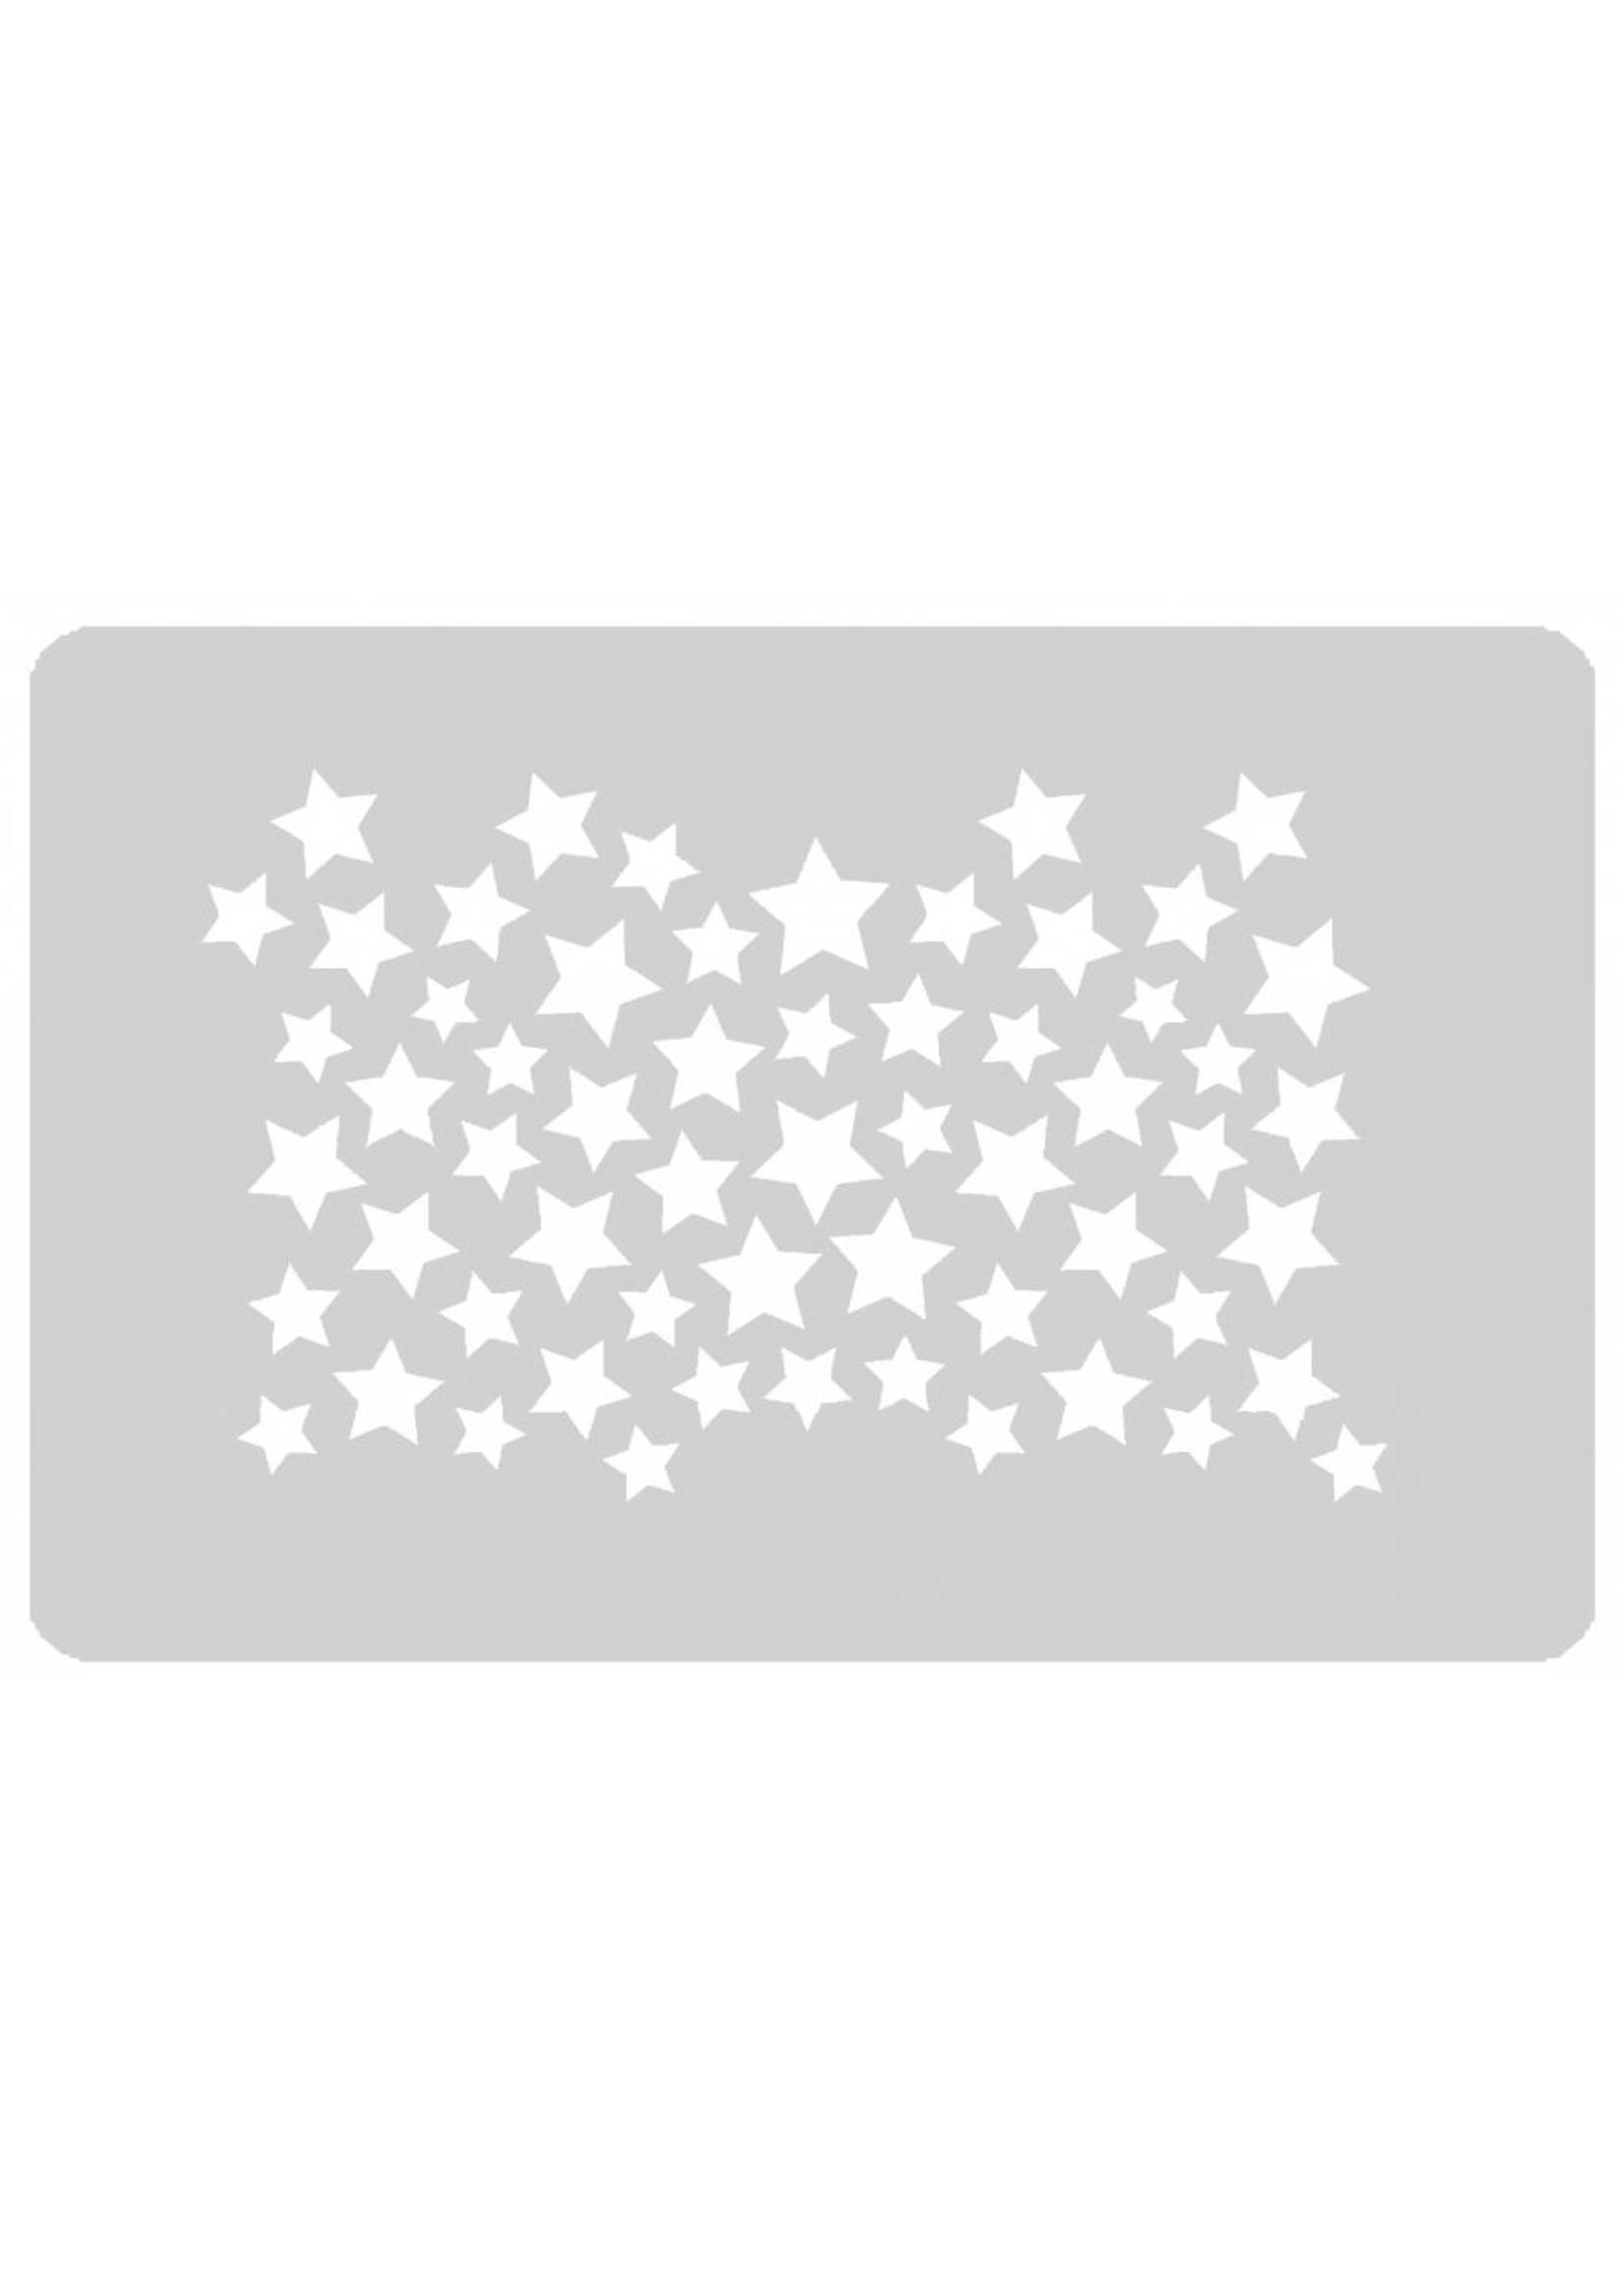 Schminksjabloon sterren